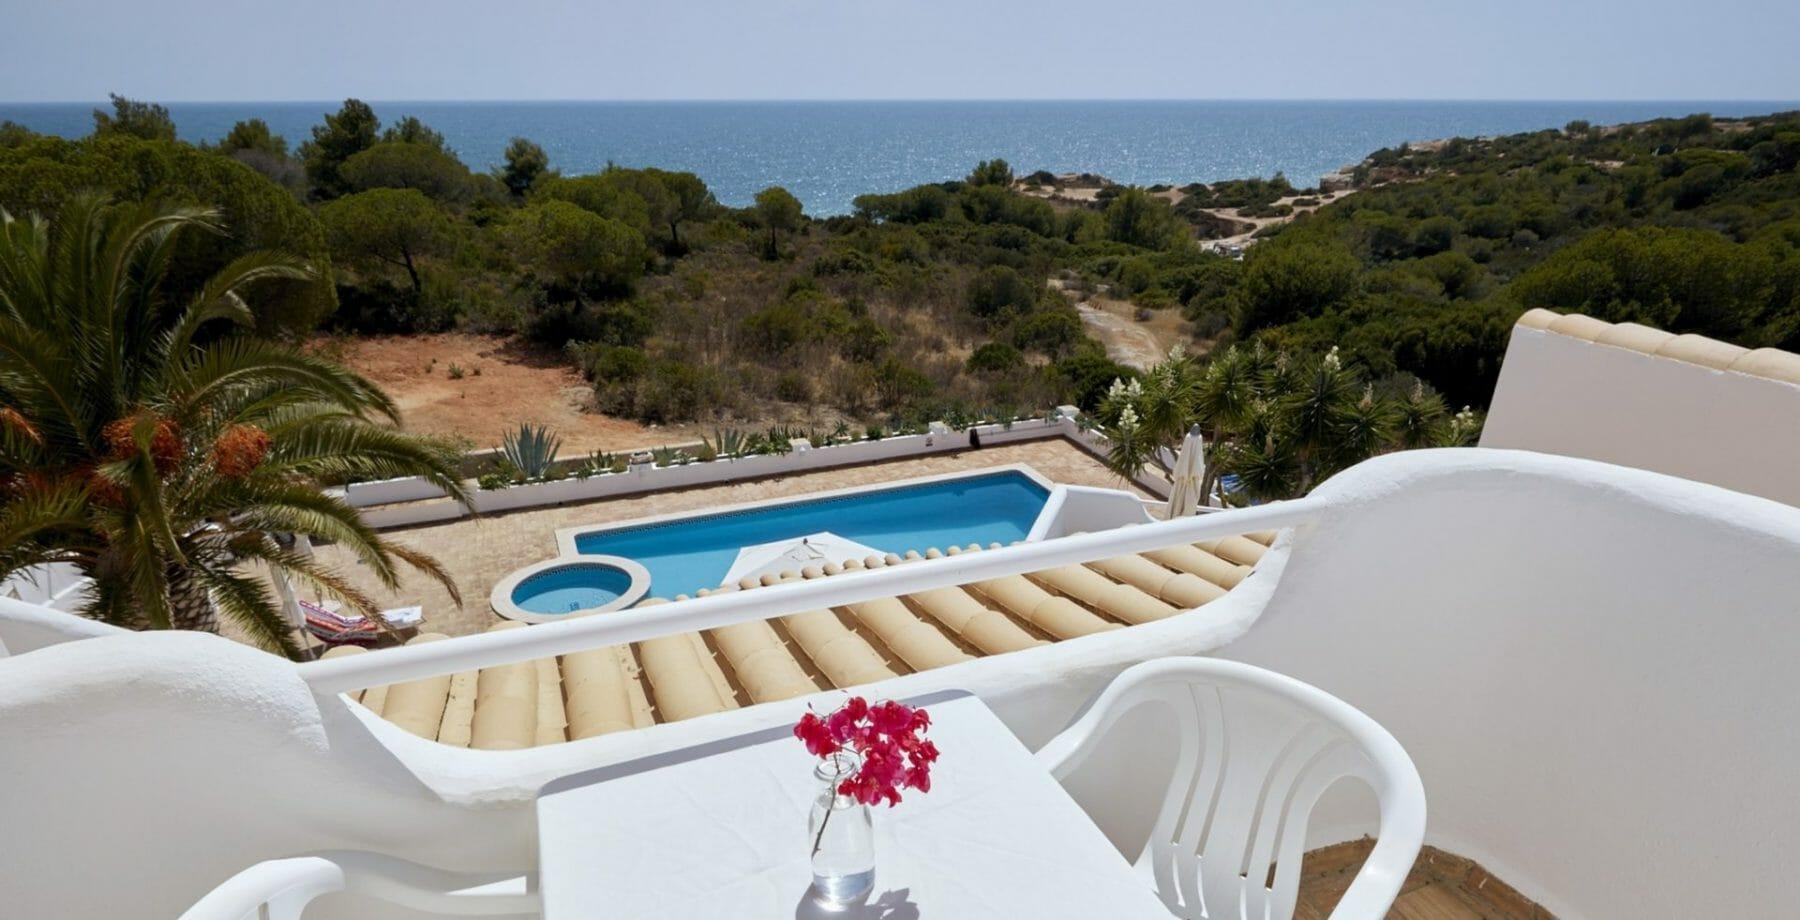 Yoga Retreat - Aussicht Meerblickvilla aus von über Pool und grüne Klippen auf den Atlantik